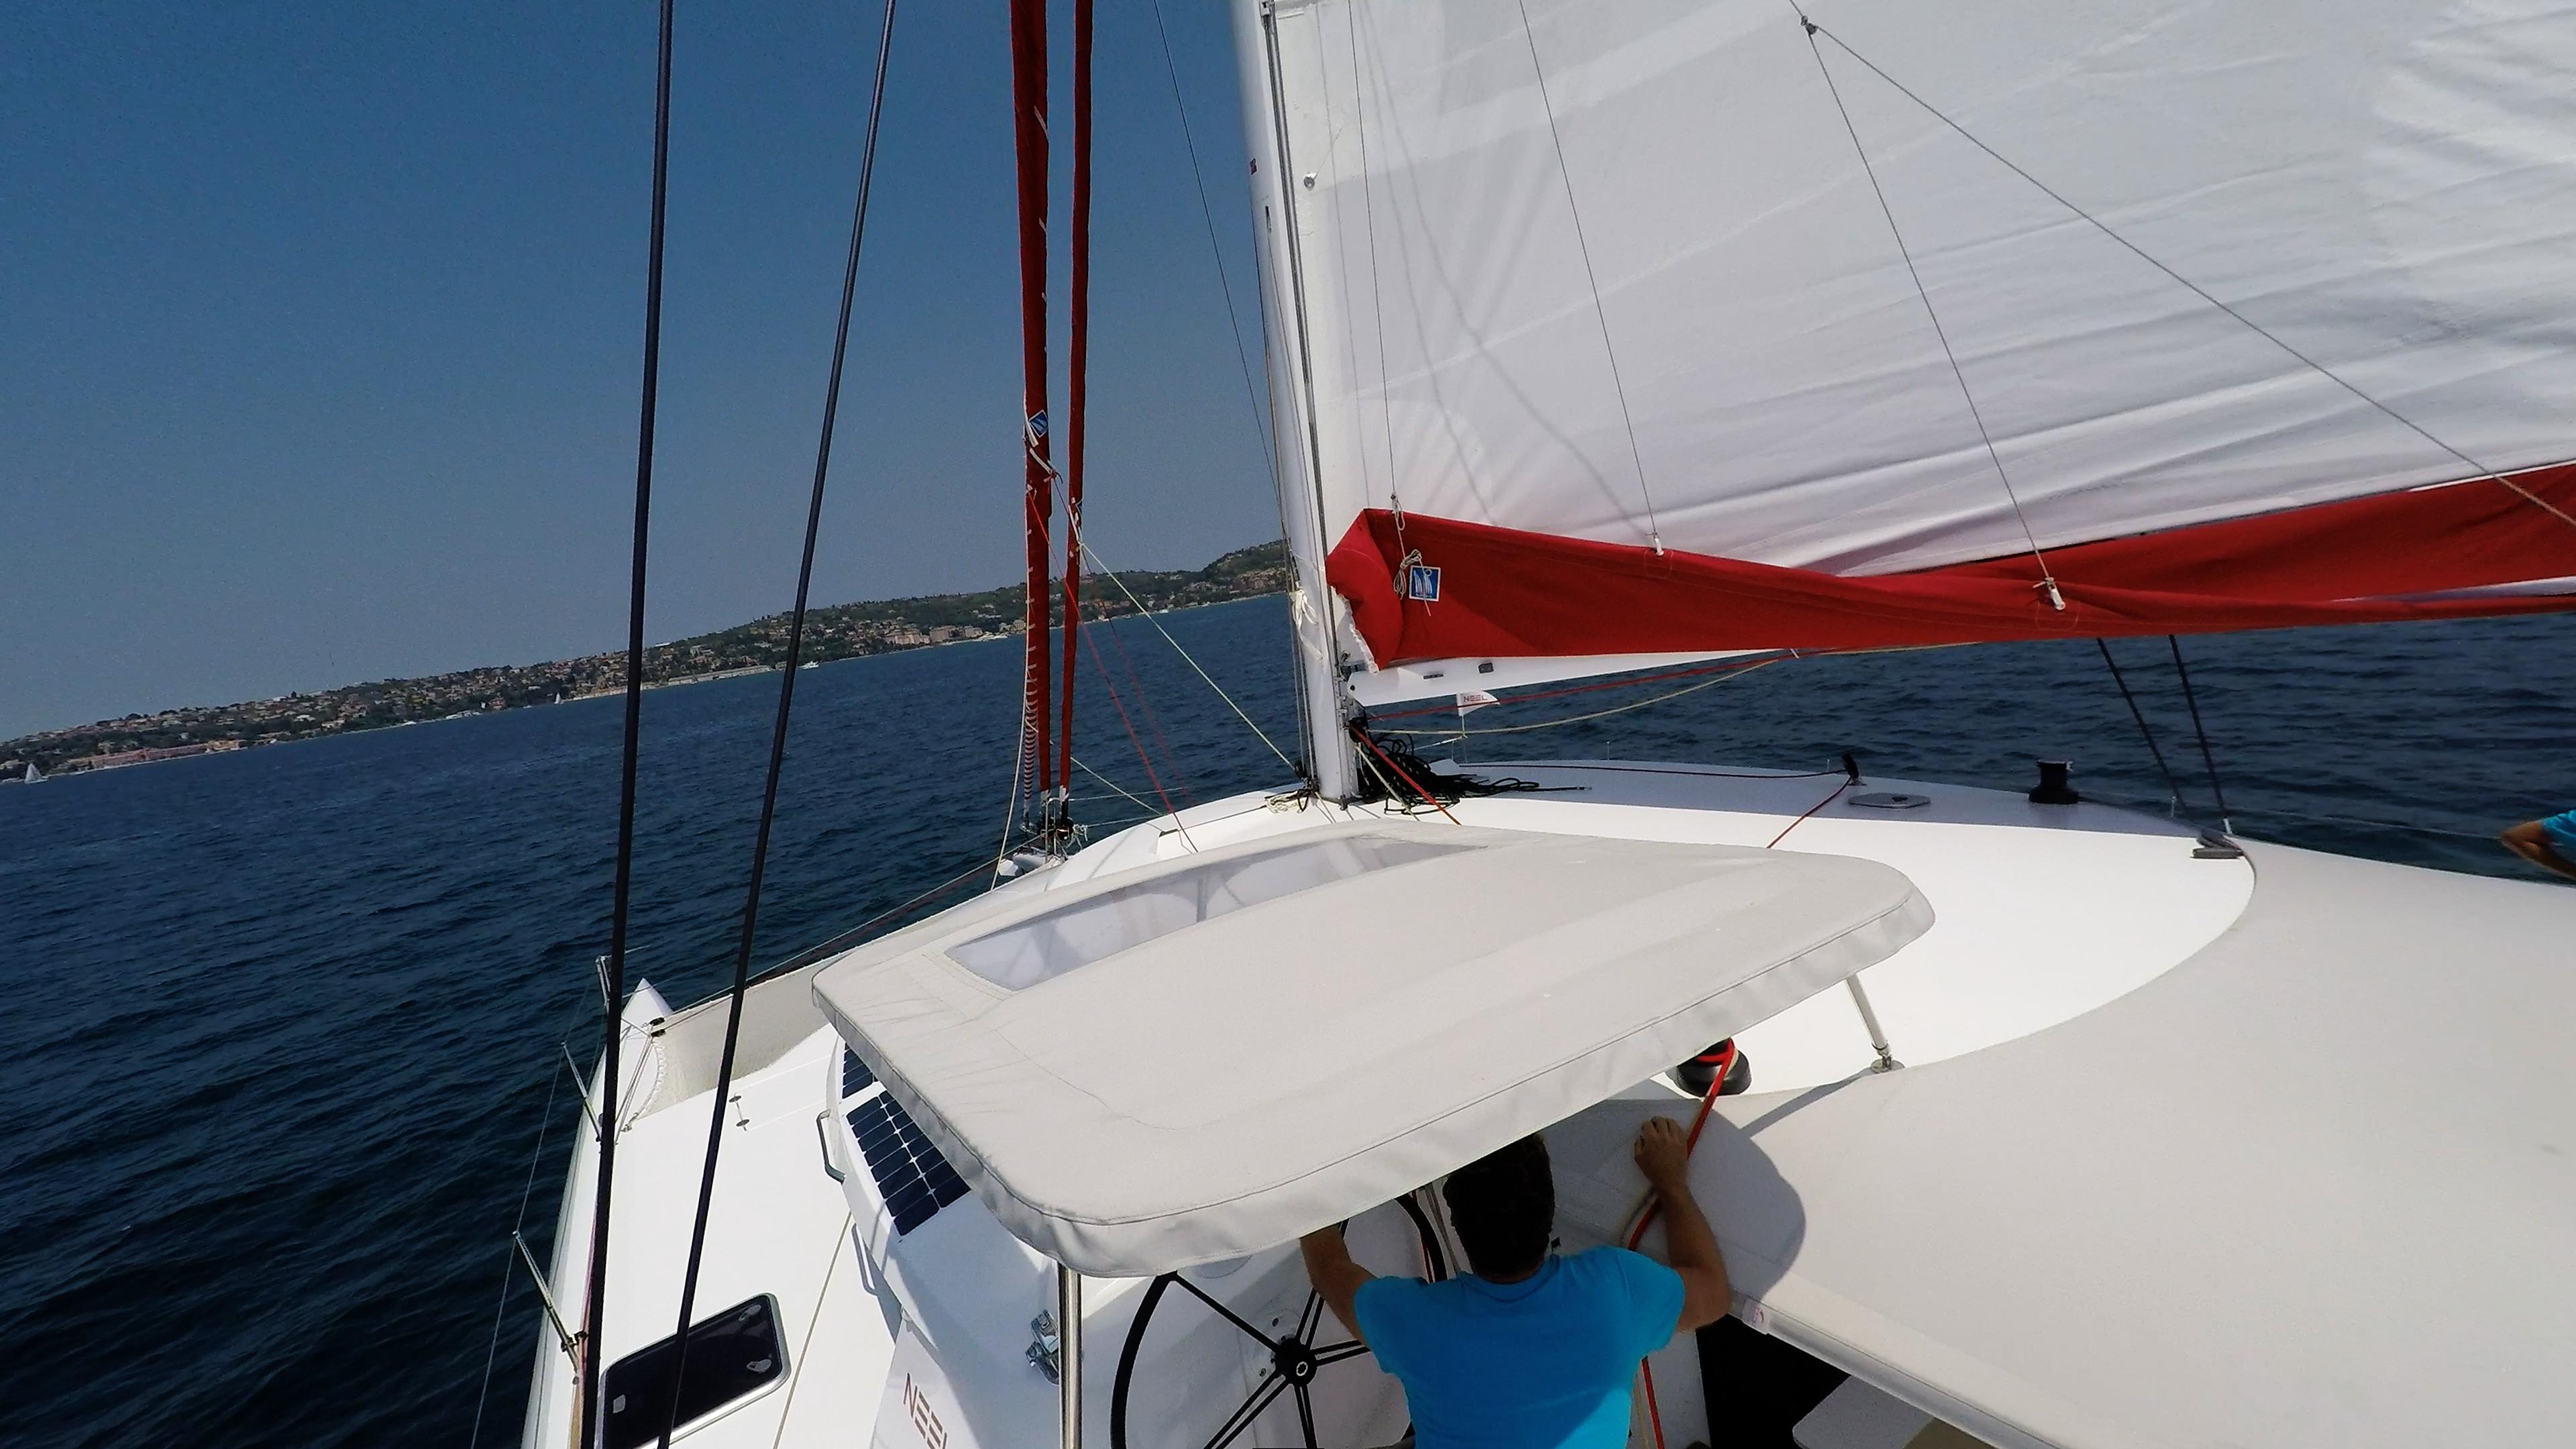 skipper sotto cockpit cima sul trimarano barca a vela neel 45